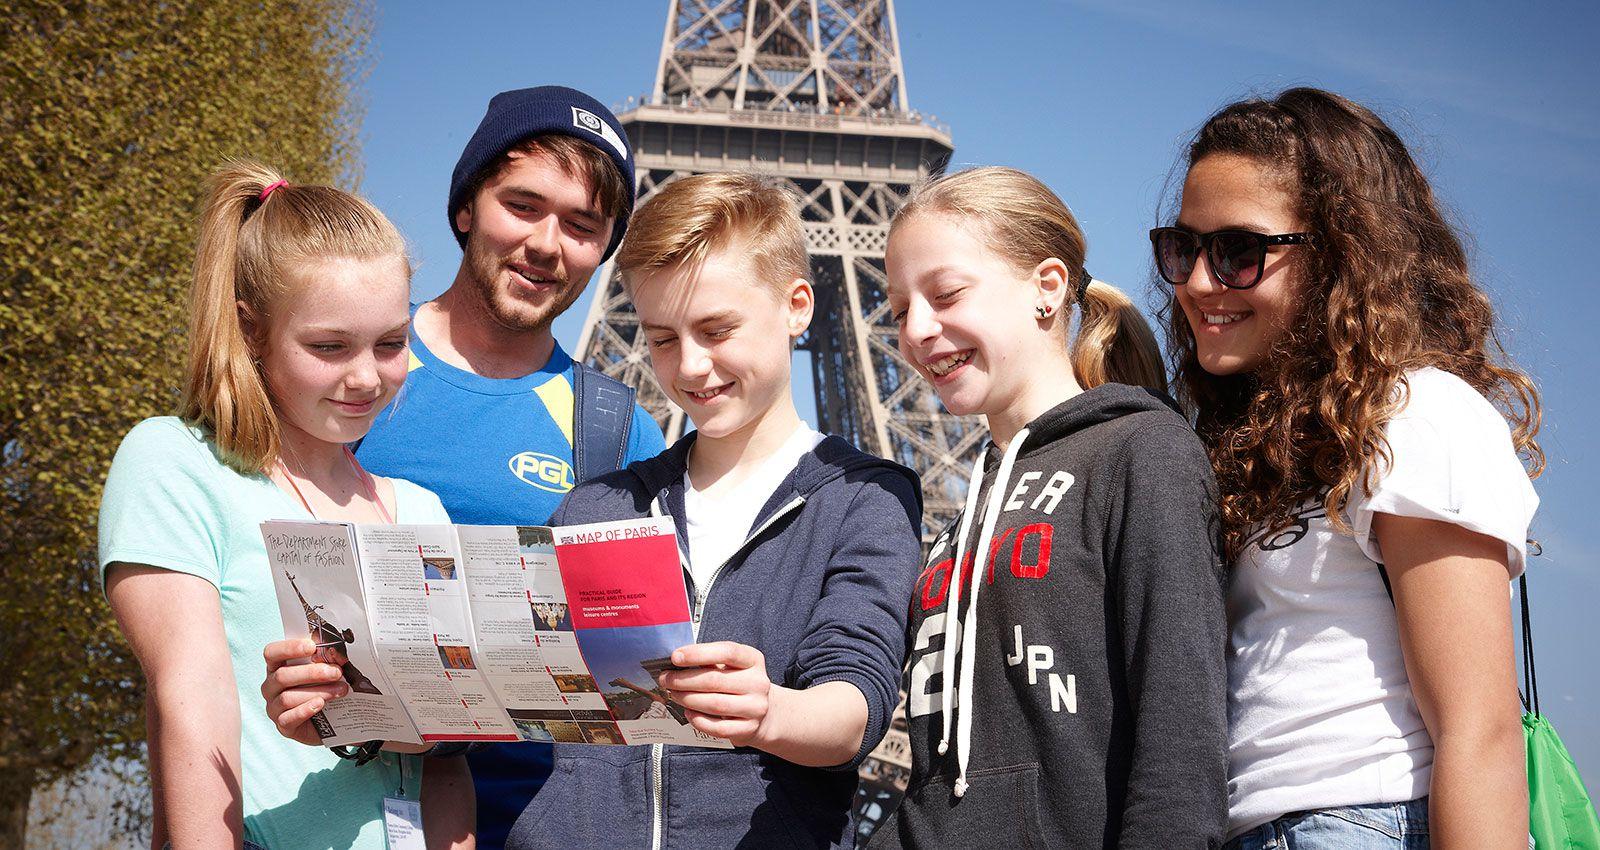 SS M French paris eiffel tower excursion map - Pháp Cấm Điện Thoại Thông Minh Trong Trường Học